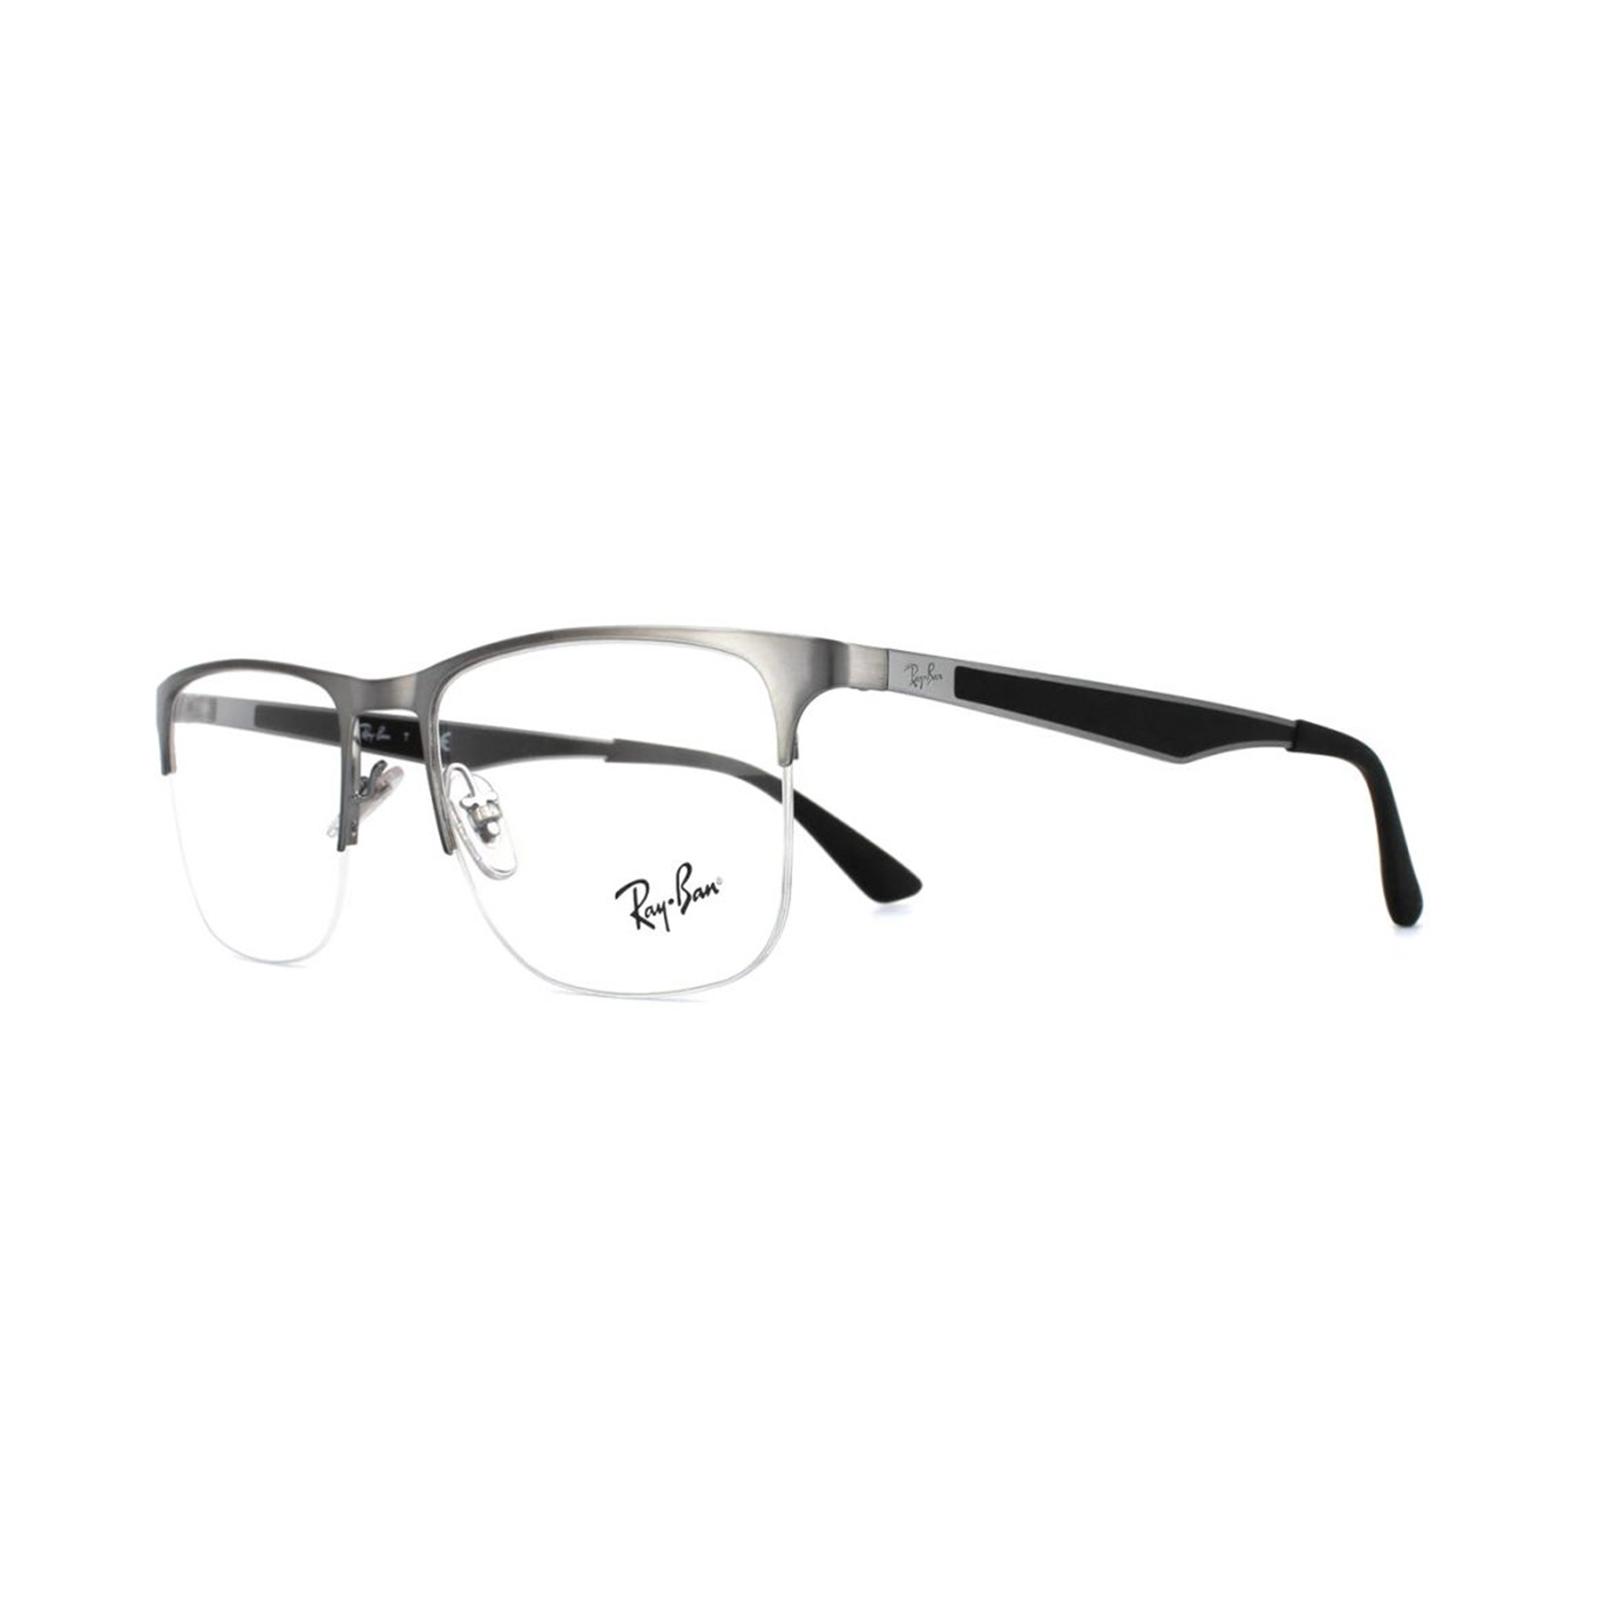 Ray-Ban Glasses Frames RX 6362 2502 Shiny Gunmetal Mens 53mm ...